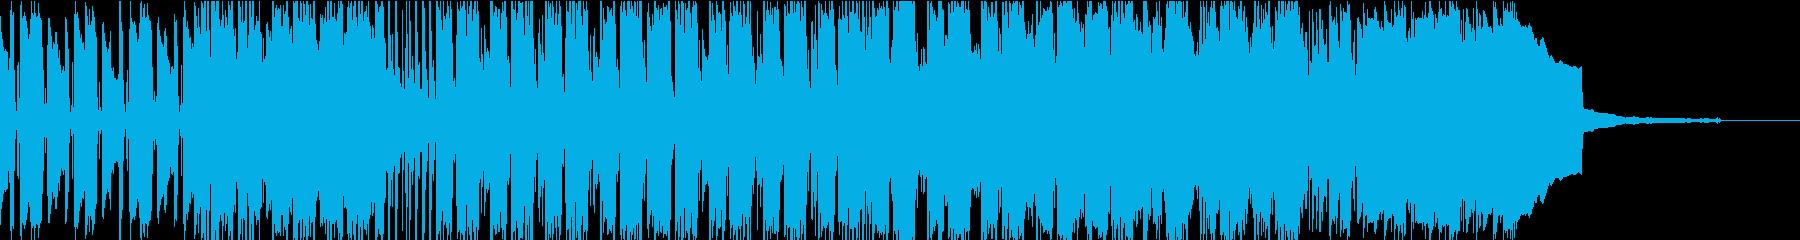 南国の風を感じるアコギのインストの再生済みの波形